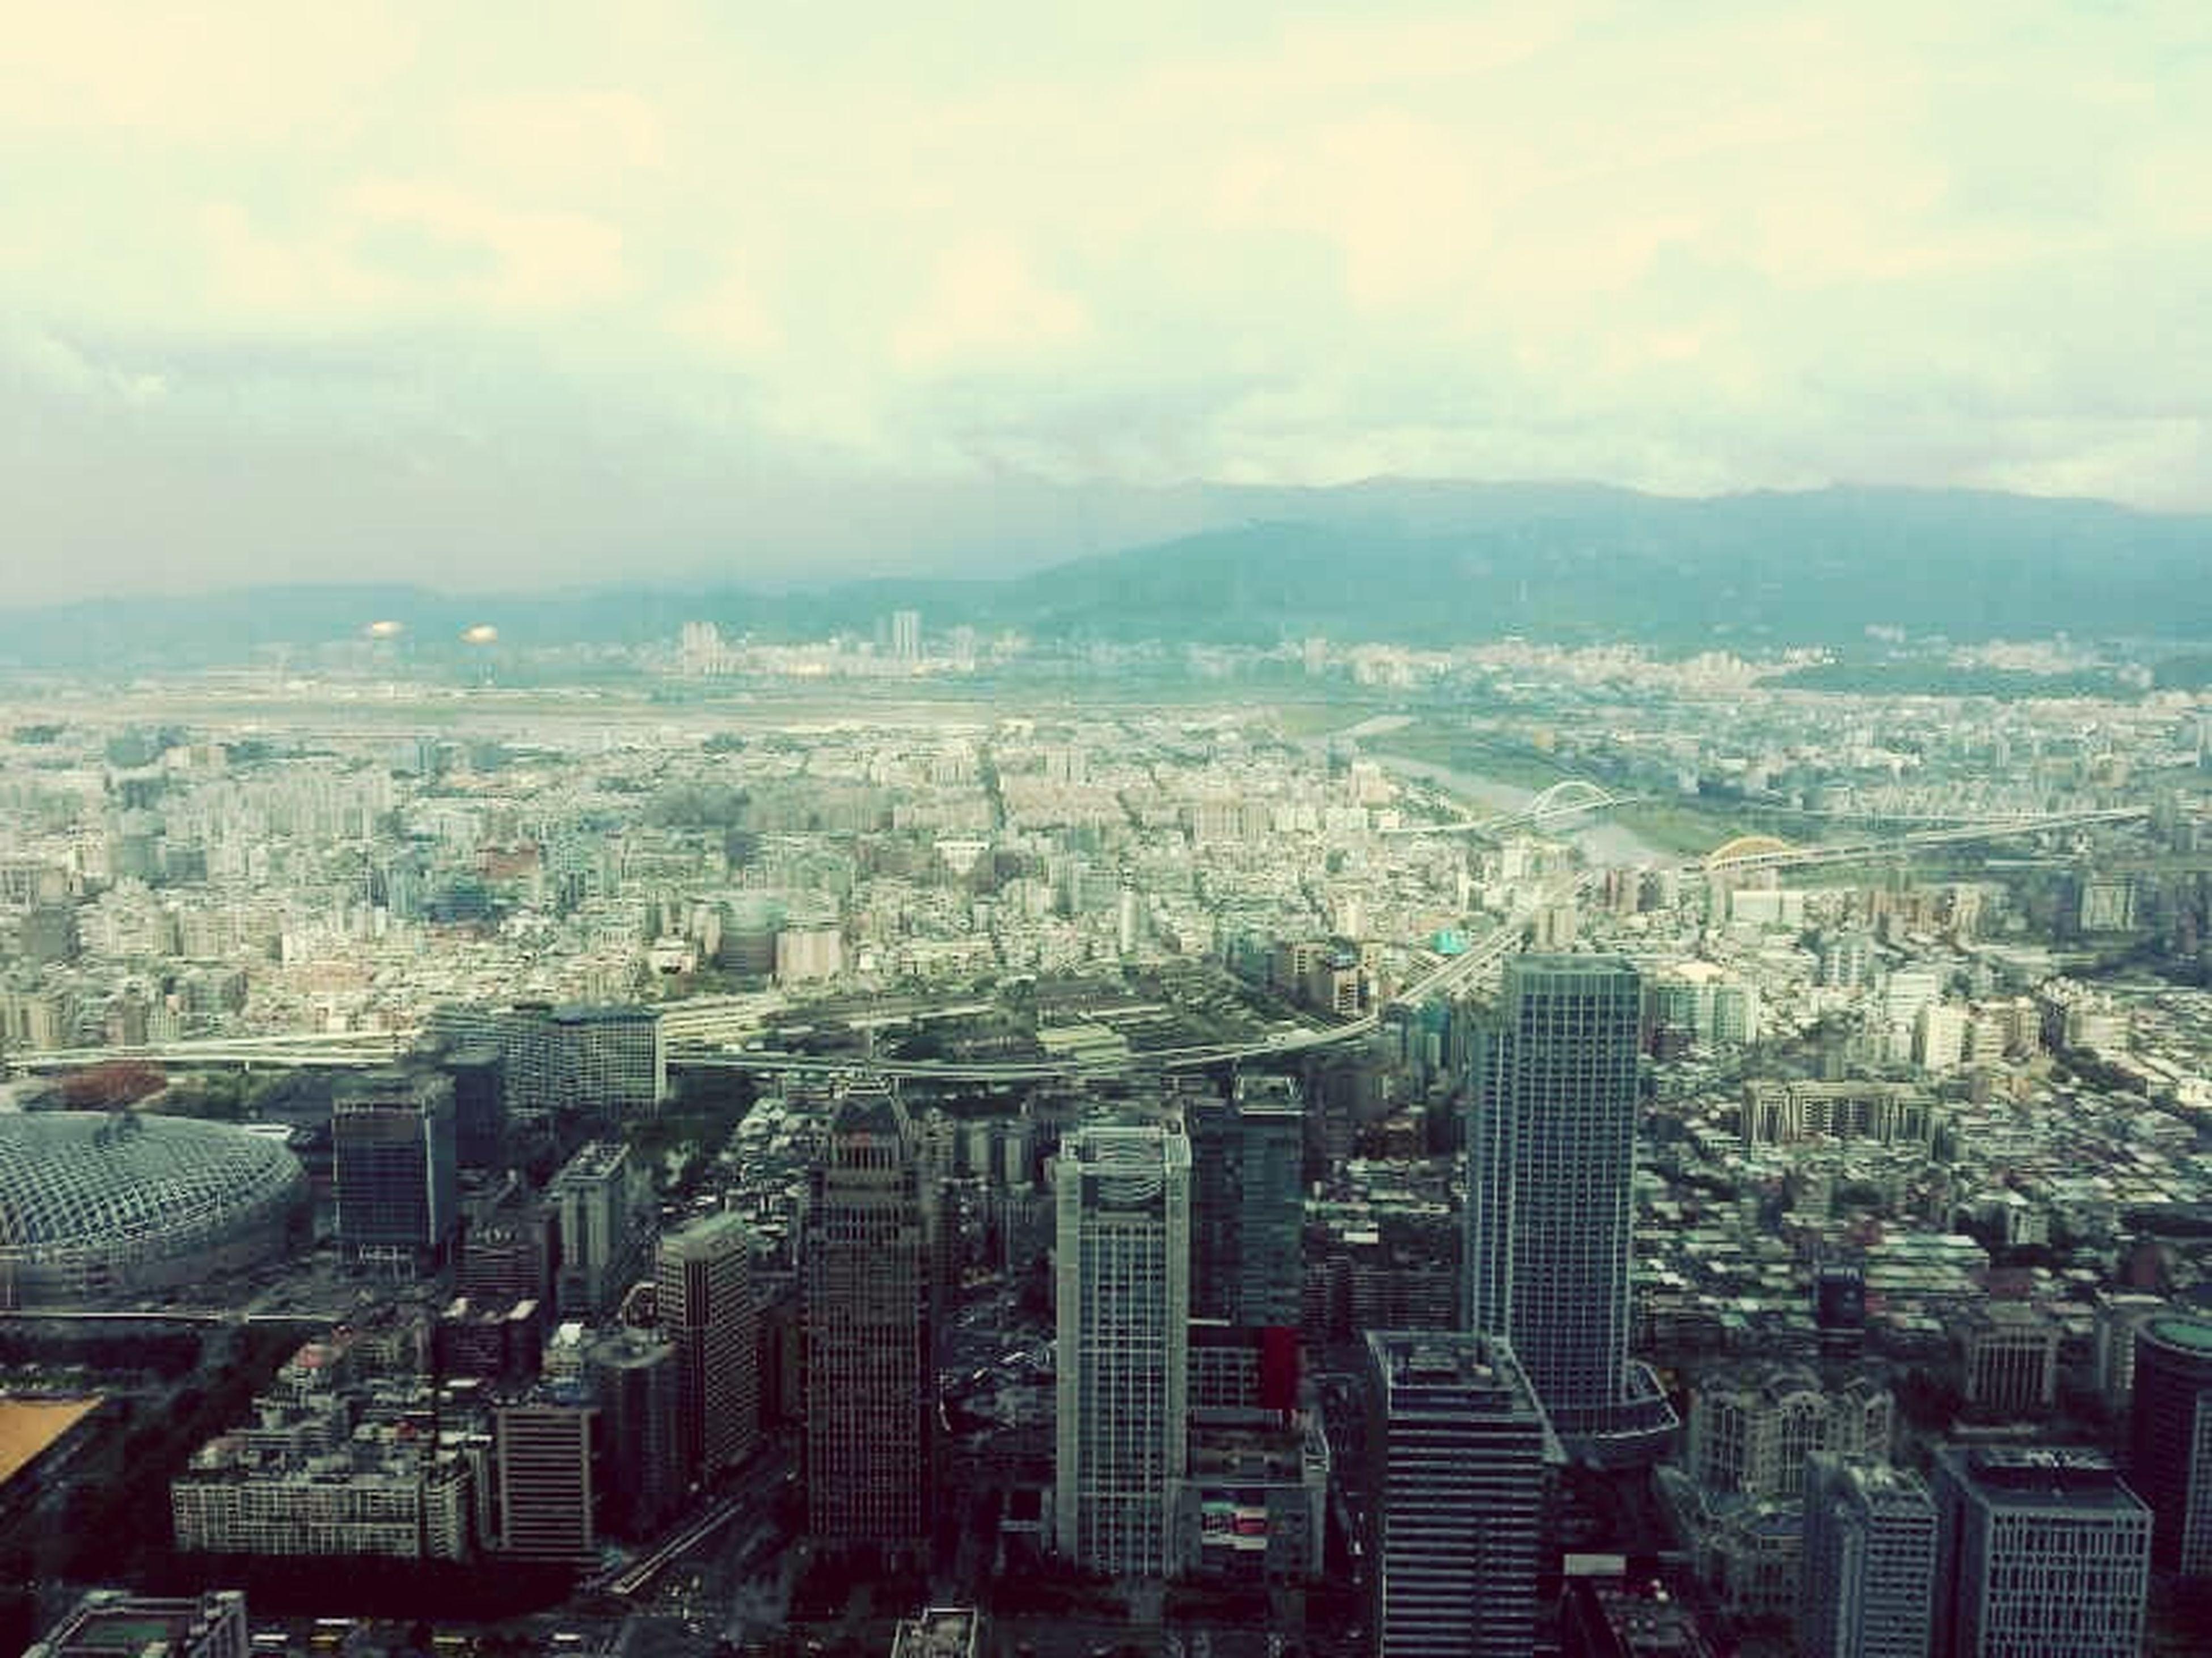 台湾101大厦。 In Taiwan.